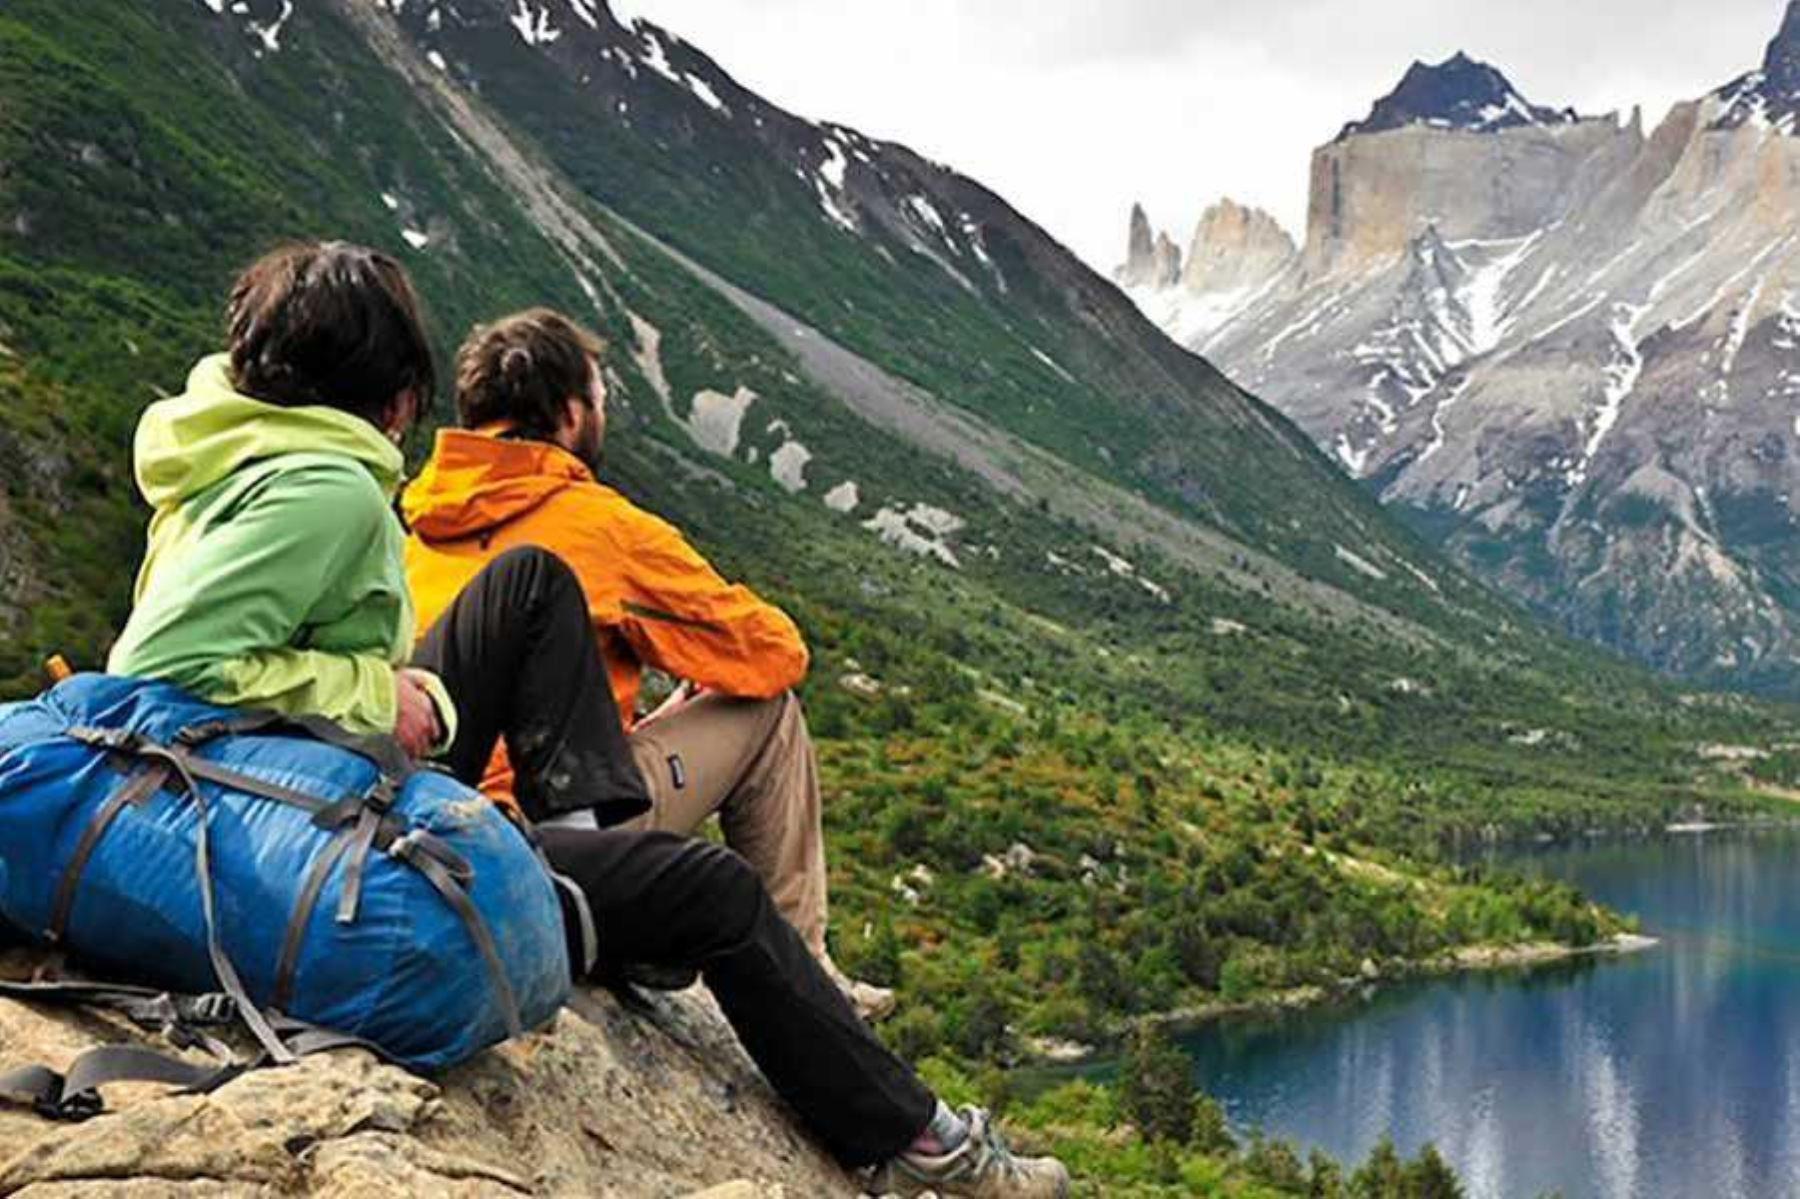 Cinco tips para tener en cuenta si vas a viajar este veran. Foto: ANDINA/Difusión.